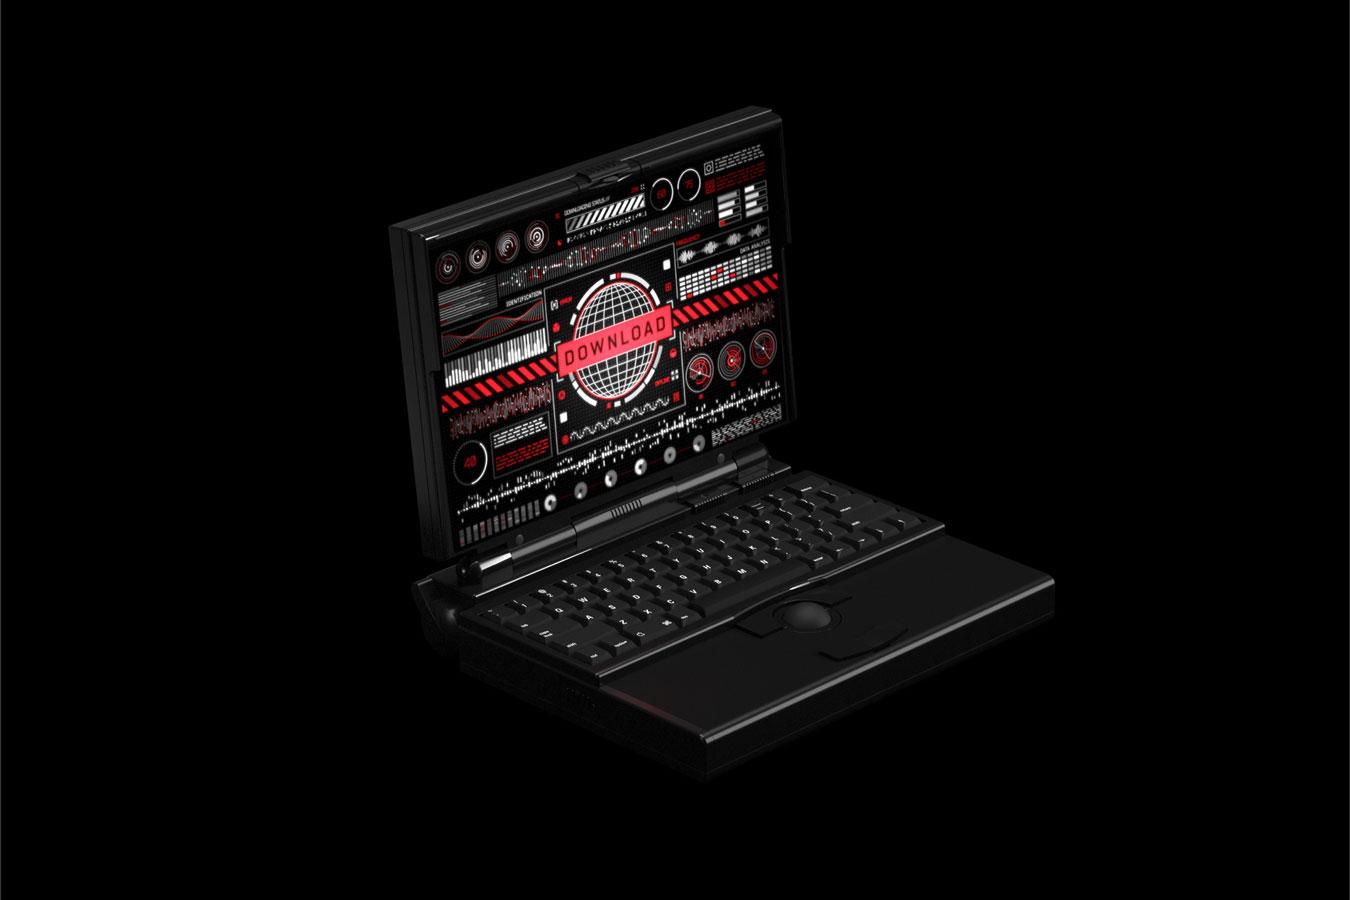 超炫酷科幻航空航天数据信息HUD仪表盘UI设计模板套件 Futuristic UI Kit • 200+ Design Elements插图(16)